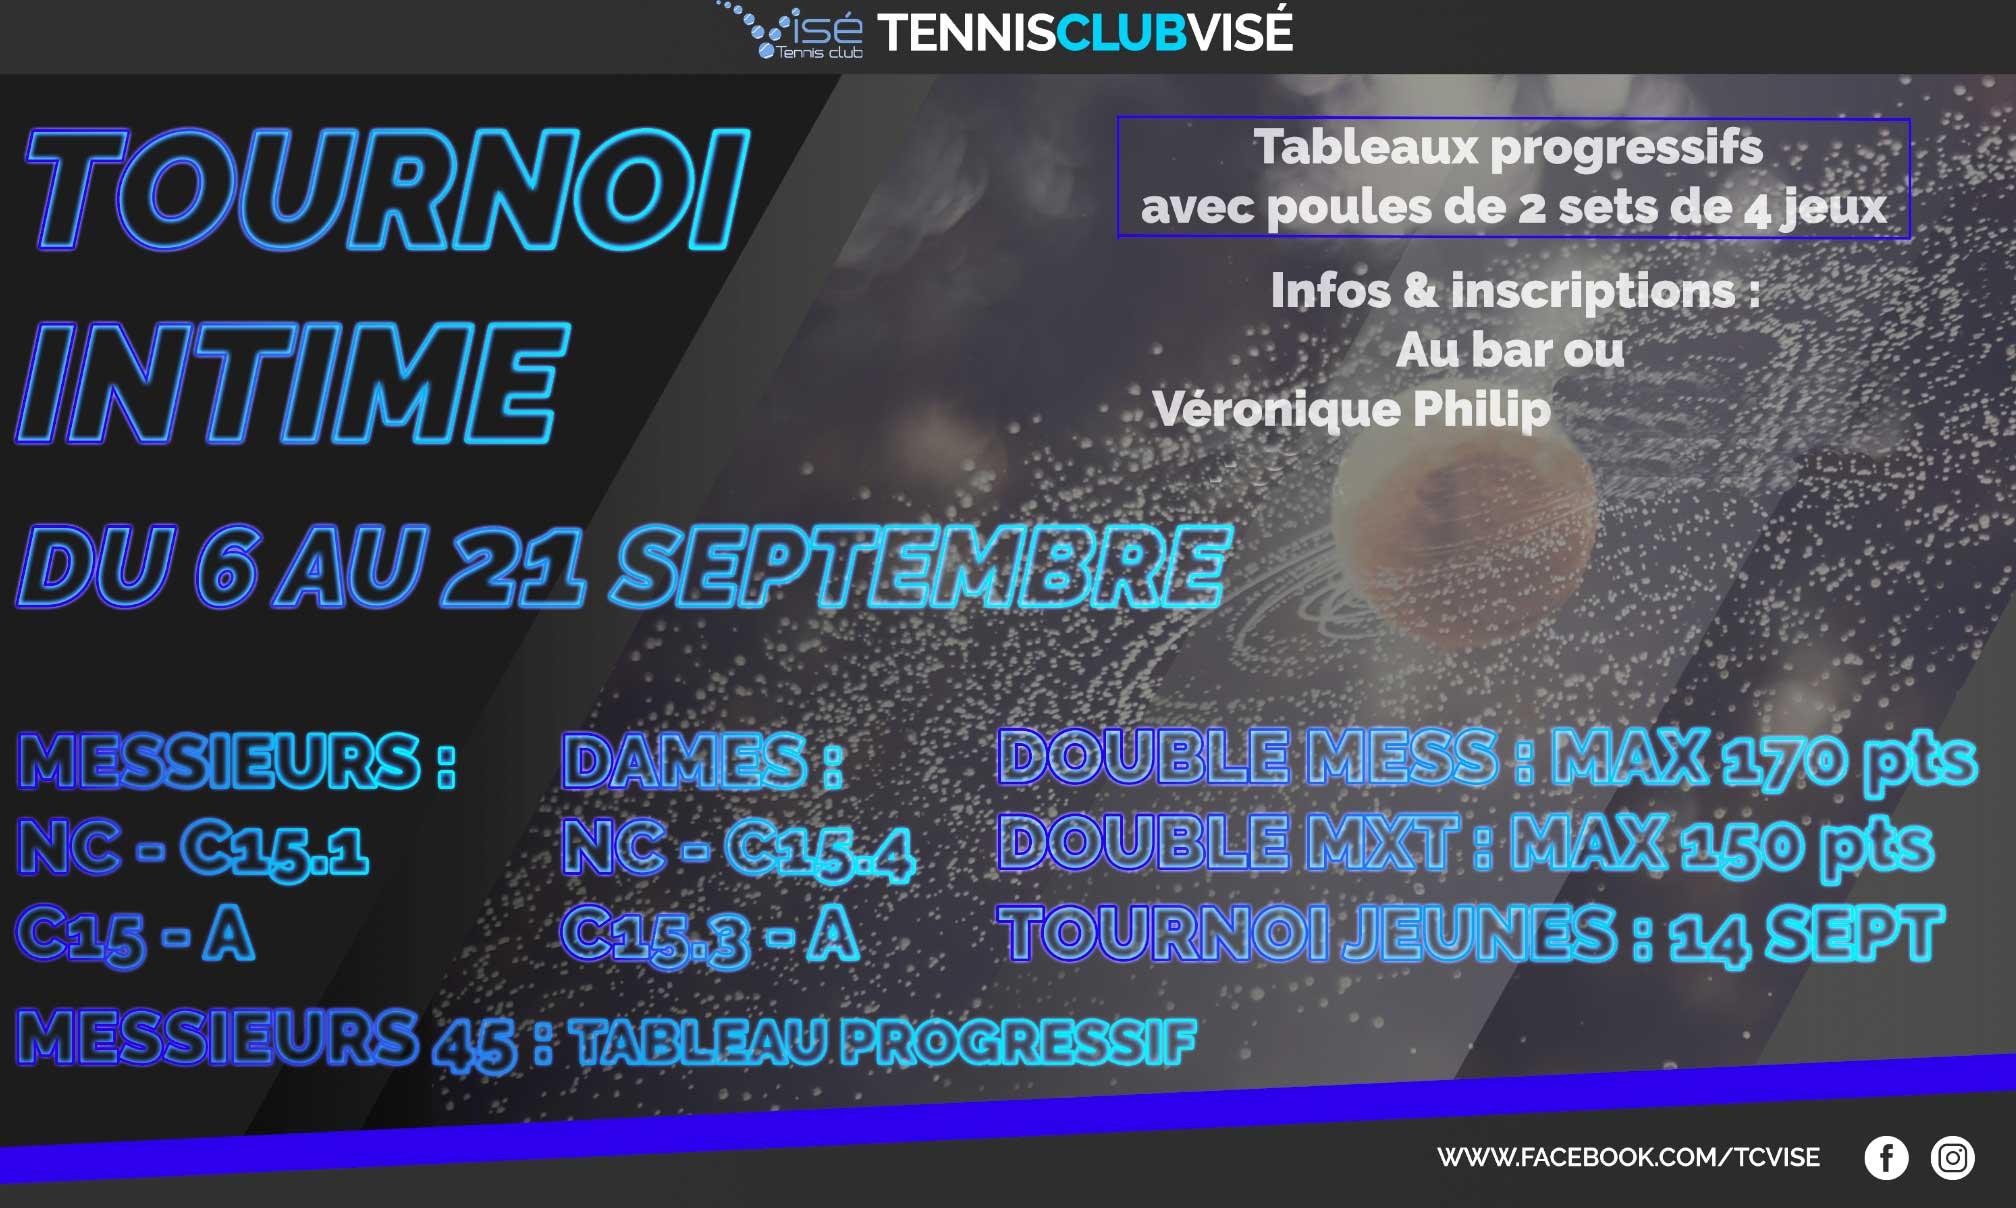 Tournoi intime 2019